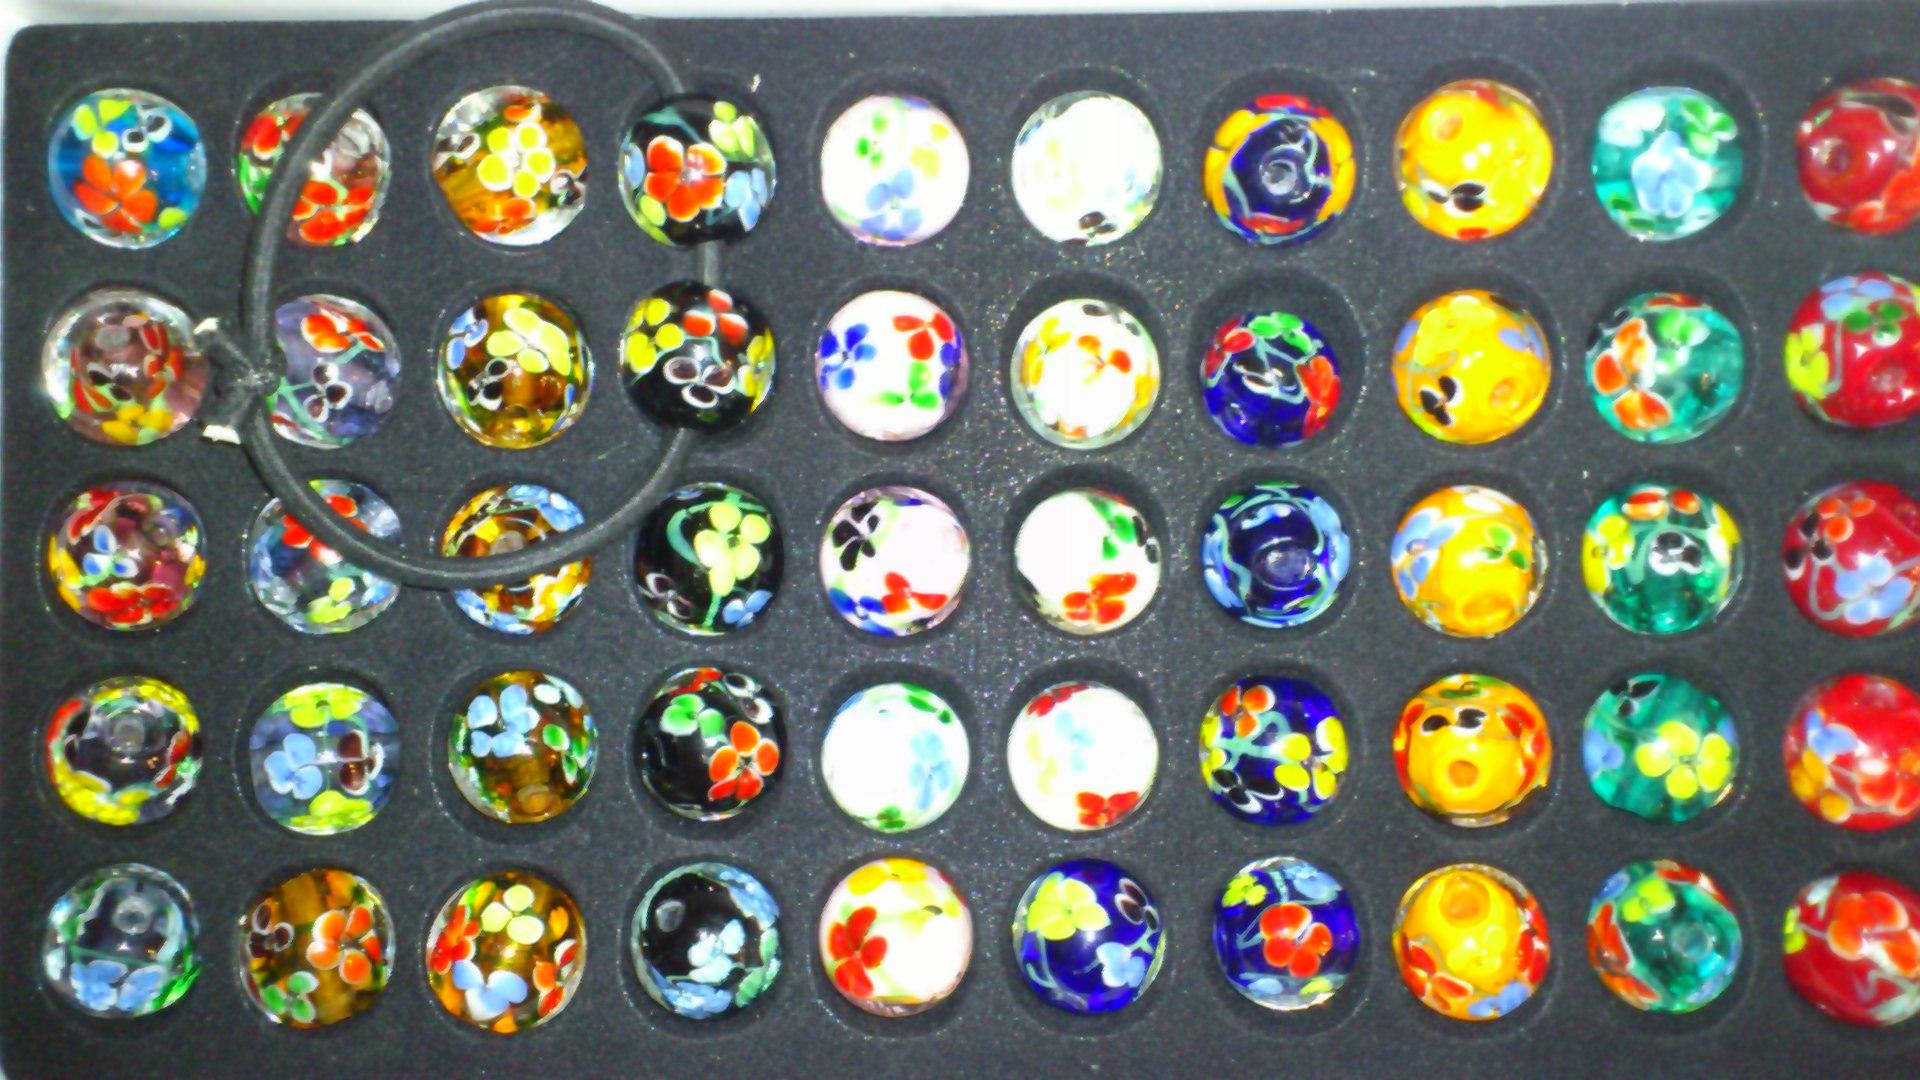 トンボ玉を箱買いしてしまいました。